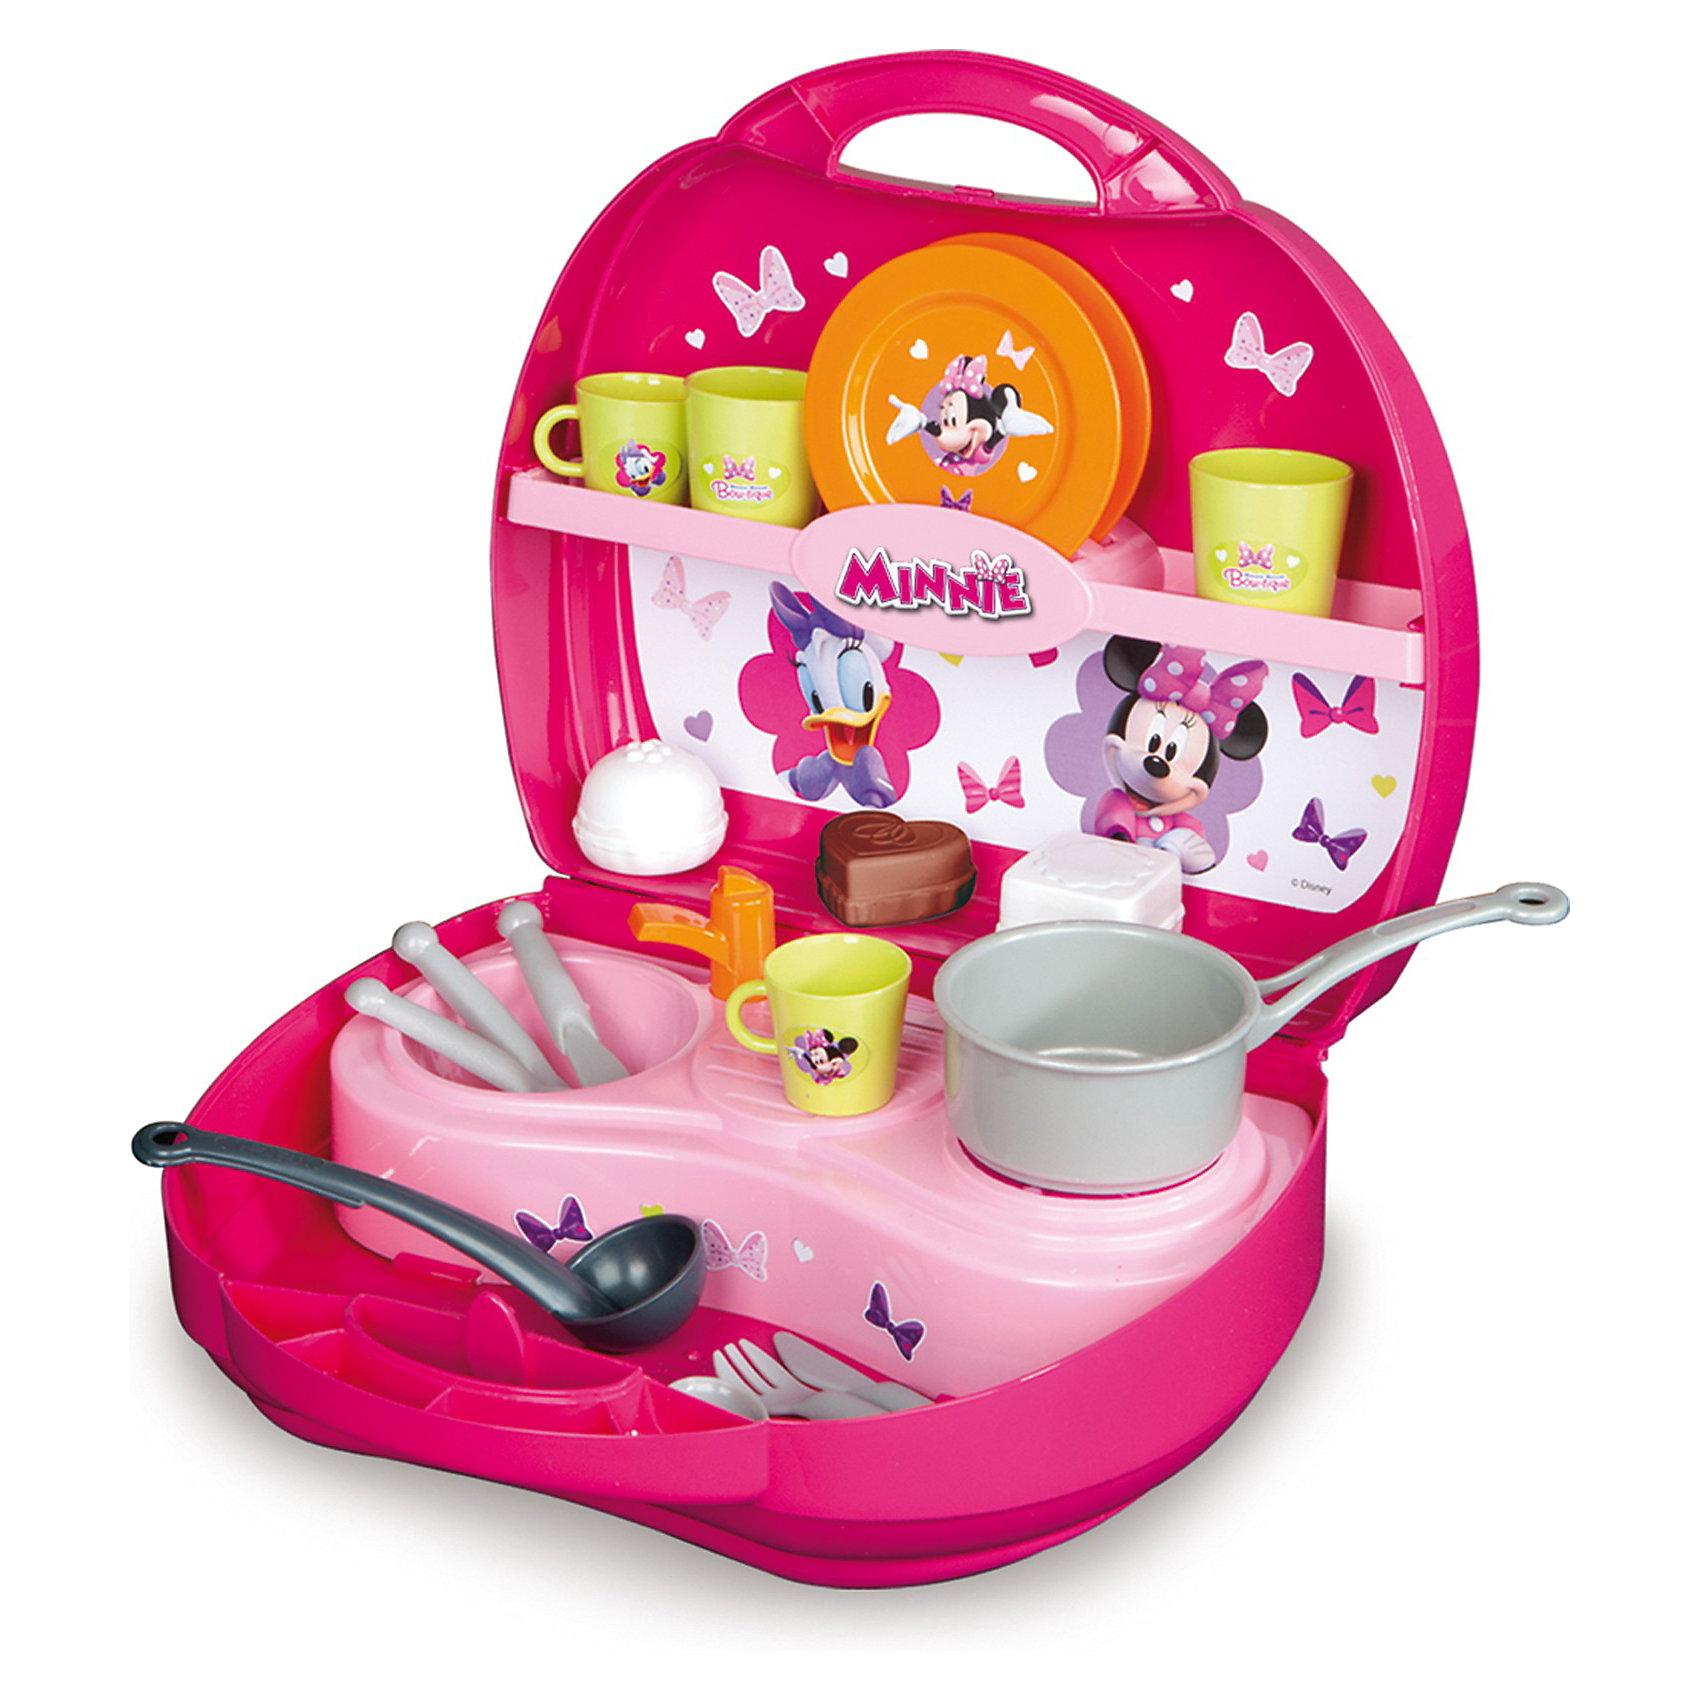 Мини-кухня Минни, SmobyПосуда и аксессуары для детской кухни<br>Характеристики:<br><br>• размер чемоданчика в раскрытом виде: 36х42х22 см;<br>• размер чемоданчика в закрытом виде: 26х10х24 см;<br>• аксессуары: 3 пирожных, 2 тарелки, 2 чашки, 2 вилки, 2 ножа и 2 ложки;<br>• посуда: ковш с длинной ручкой;<br>• материал: пластик.<br><br>Мобильная кухня для приготовления еды помещается в компактном чемоданчике с ручкой. Открыв чемоданчик, вы обнаружите варочную панель, раковину, полочку для посуды и отсеки для столовых приборов. В процессе игры развивается фантазия, речь, воображение.<br><br>Мини-кухню Минни, Smoby можно купить в нашем магазине.<br><br>Ширина мм: 252<br>Глубина мм: 225<br>Высота мм: 102<br>Вес г: 517<br>Возраст от месяцев: 36<br>Возраст до месяцев: 72<br>Пол: Женский<br>Возраст: Детский<br>SKU: 3231635